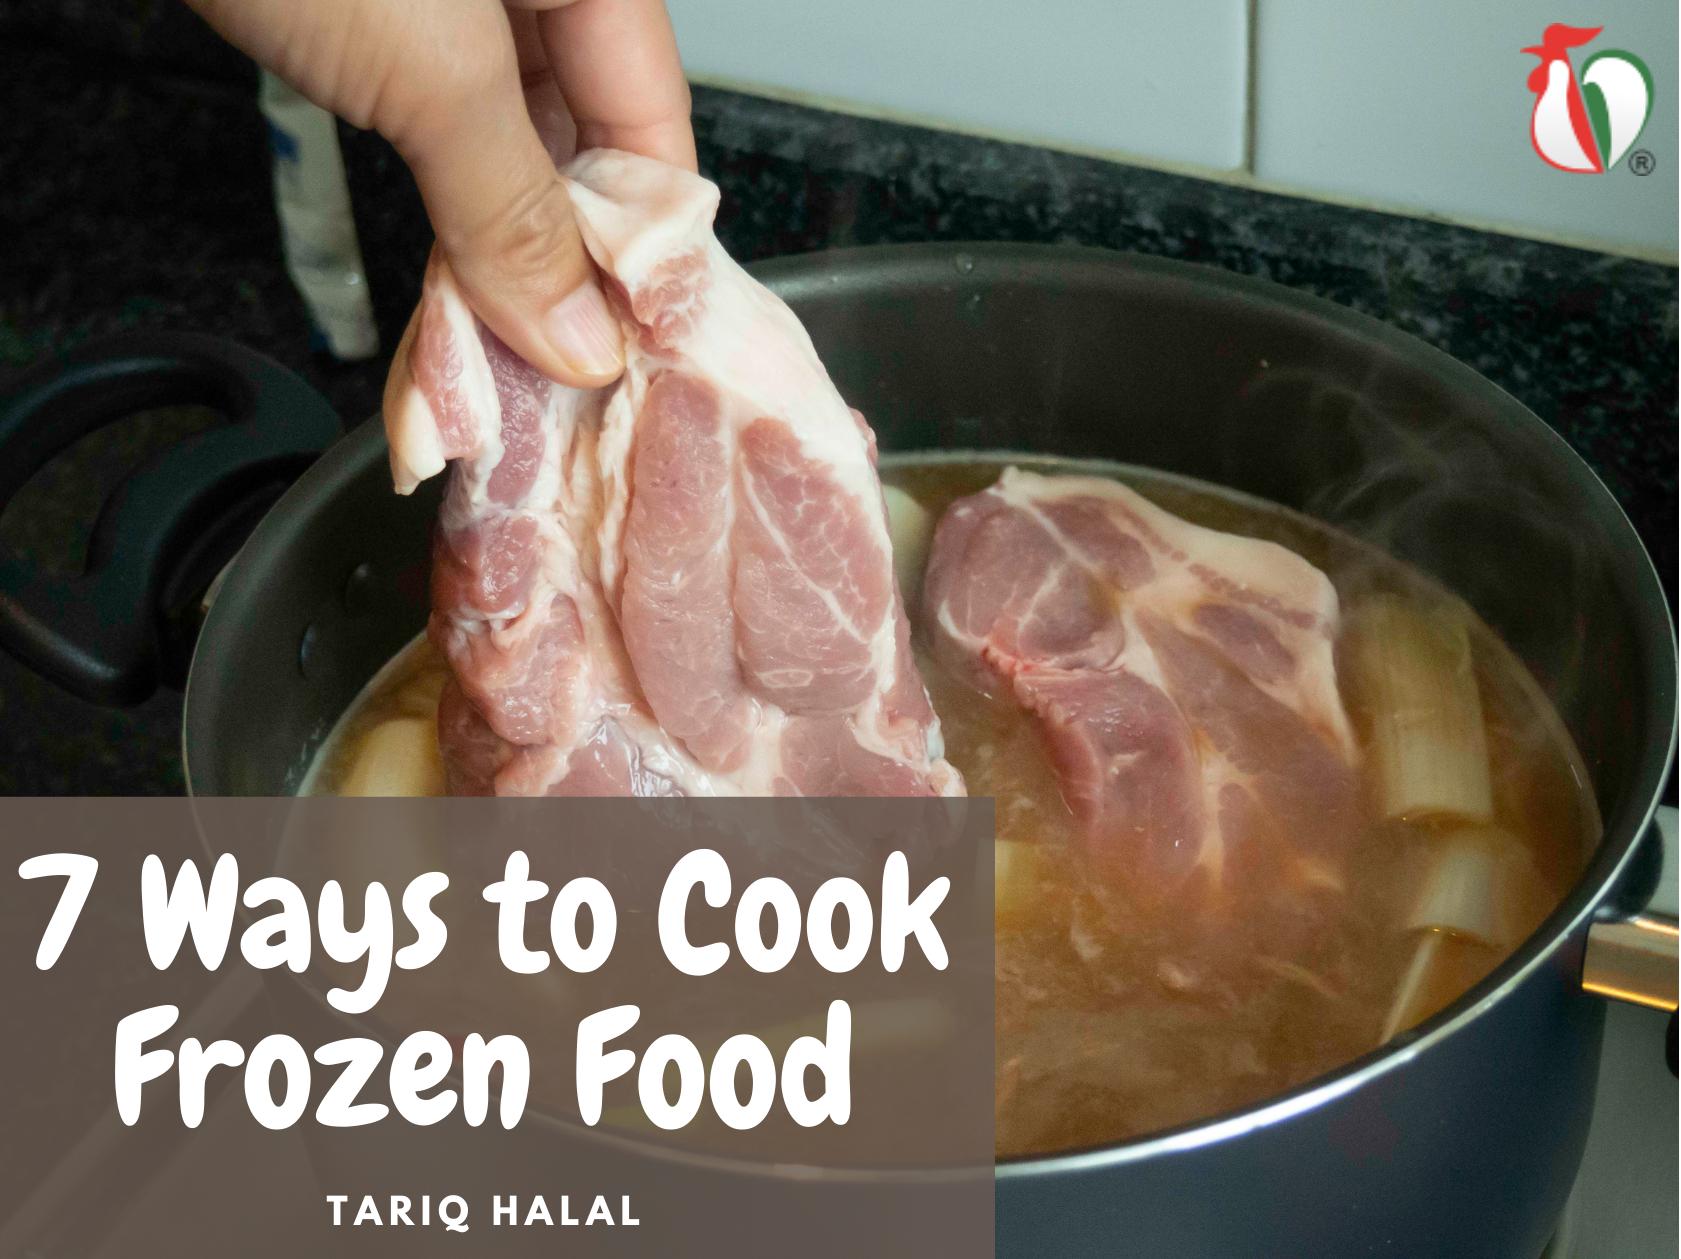 7 Ways to Cook Frozen Food